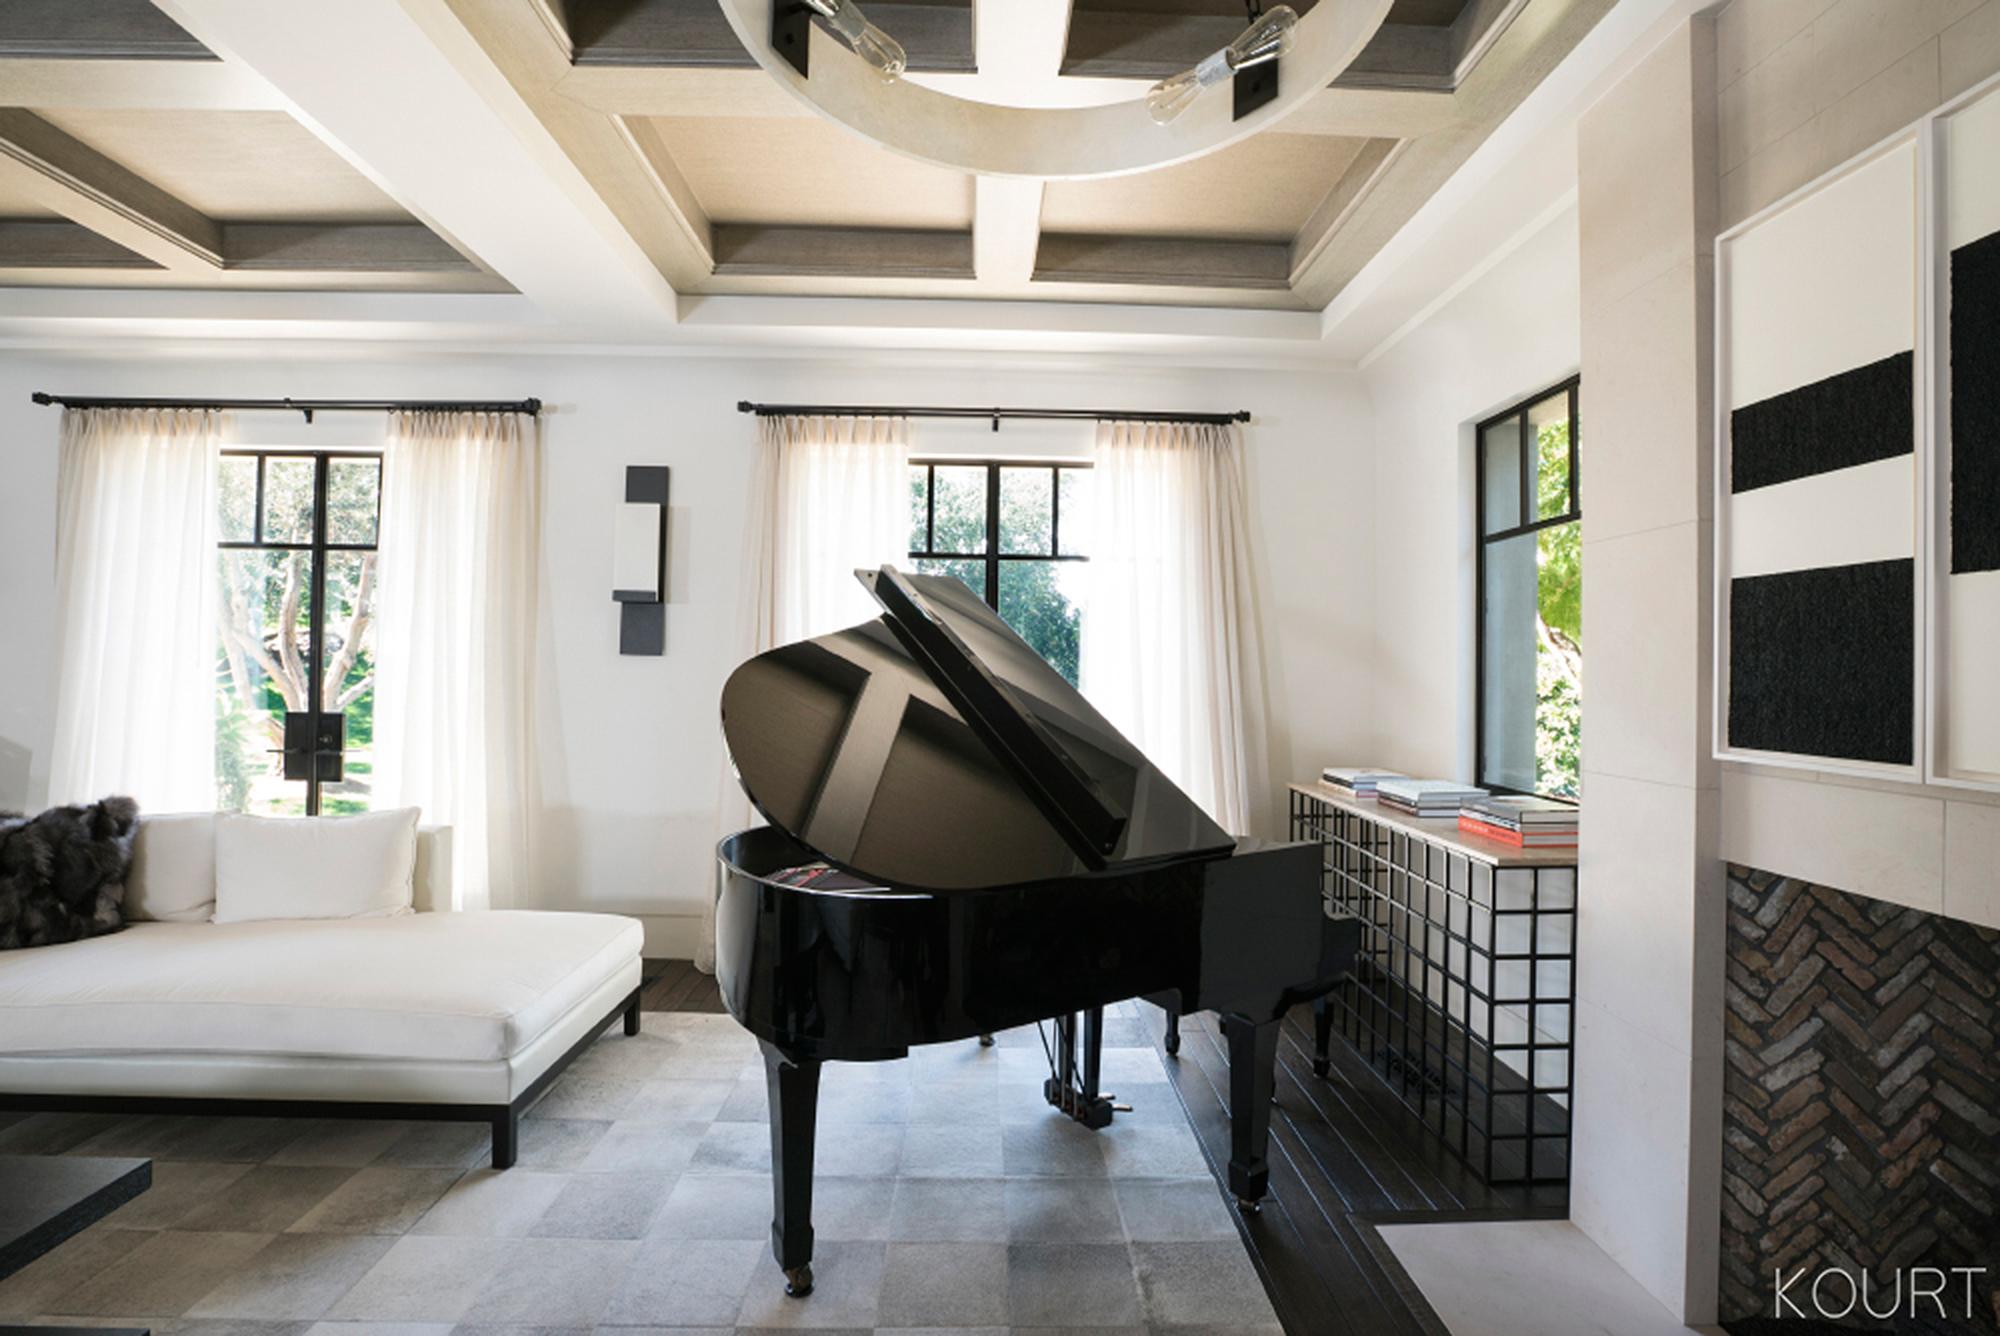 kourtney k living room Image result for kourtney kardashian's house | Living Rooms  480 X 640